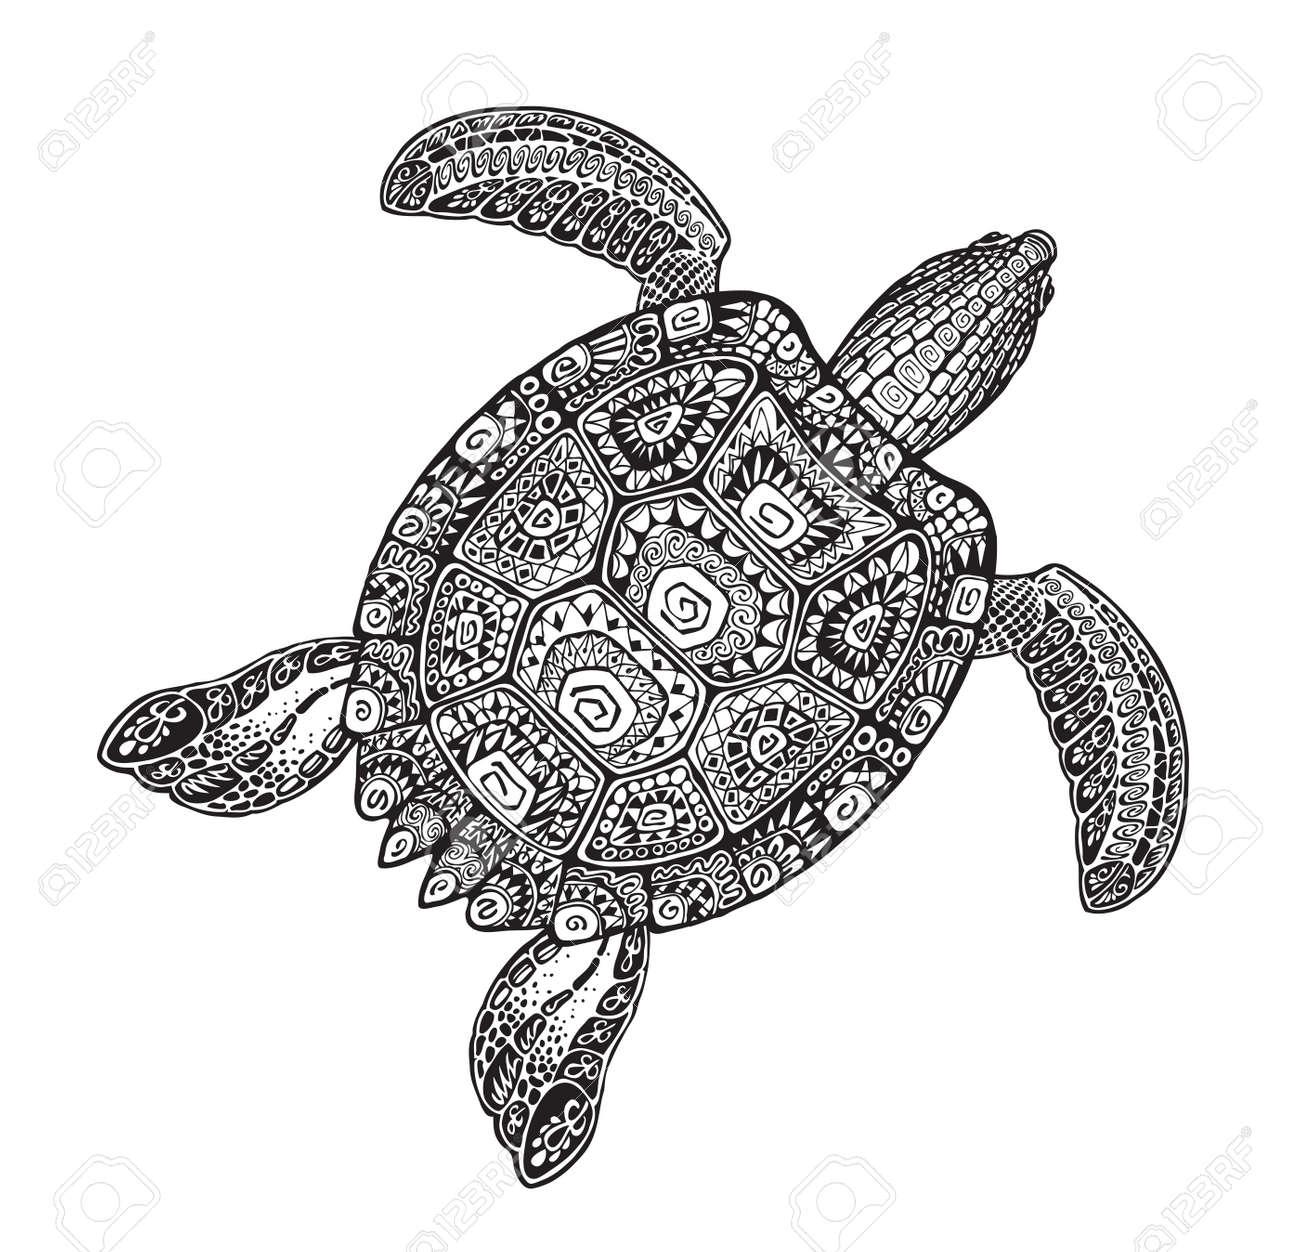 Sierlijke Schildpad In Tattoo Stijl Geïsoleerd Vector Illustratie